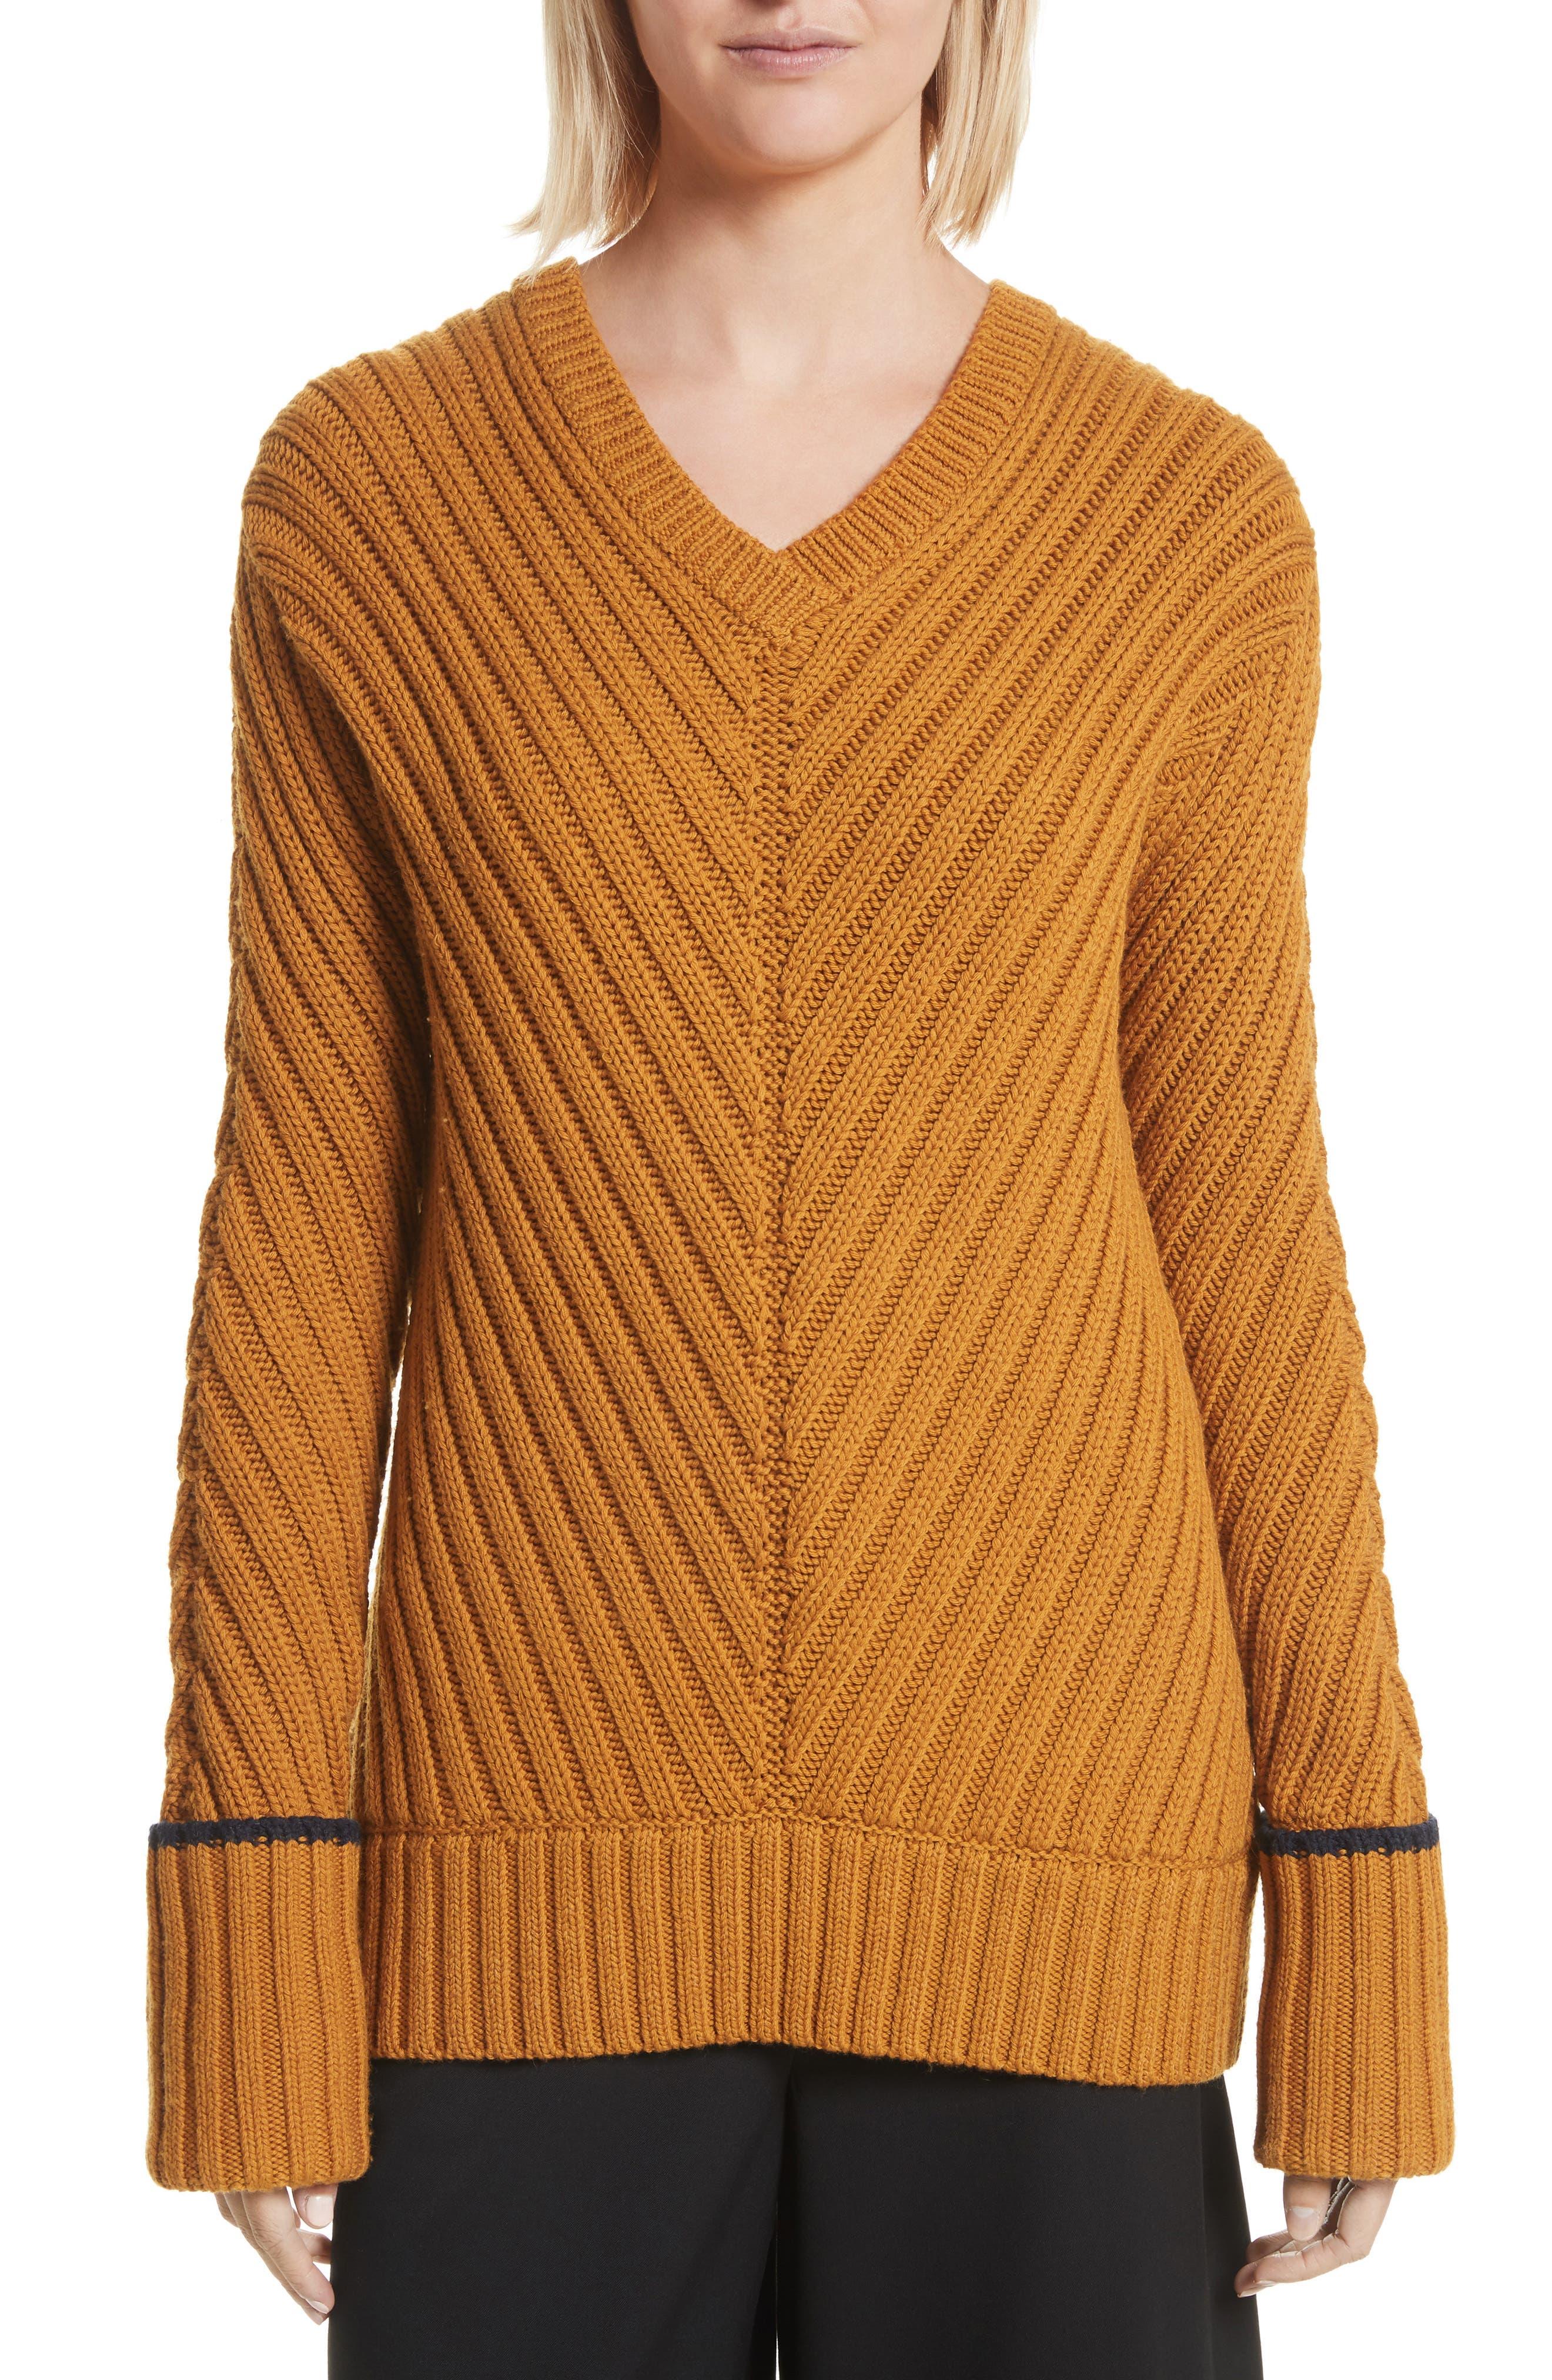 GREY Jason Wu Rib Knit Wool Blend Sweater